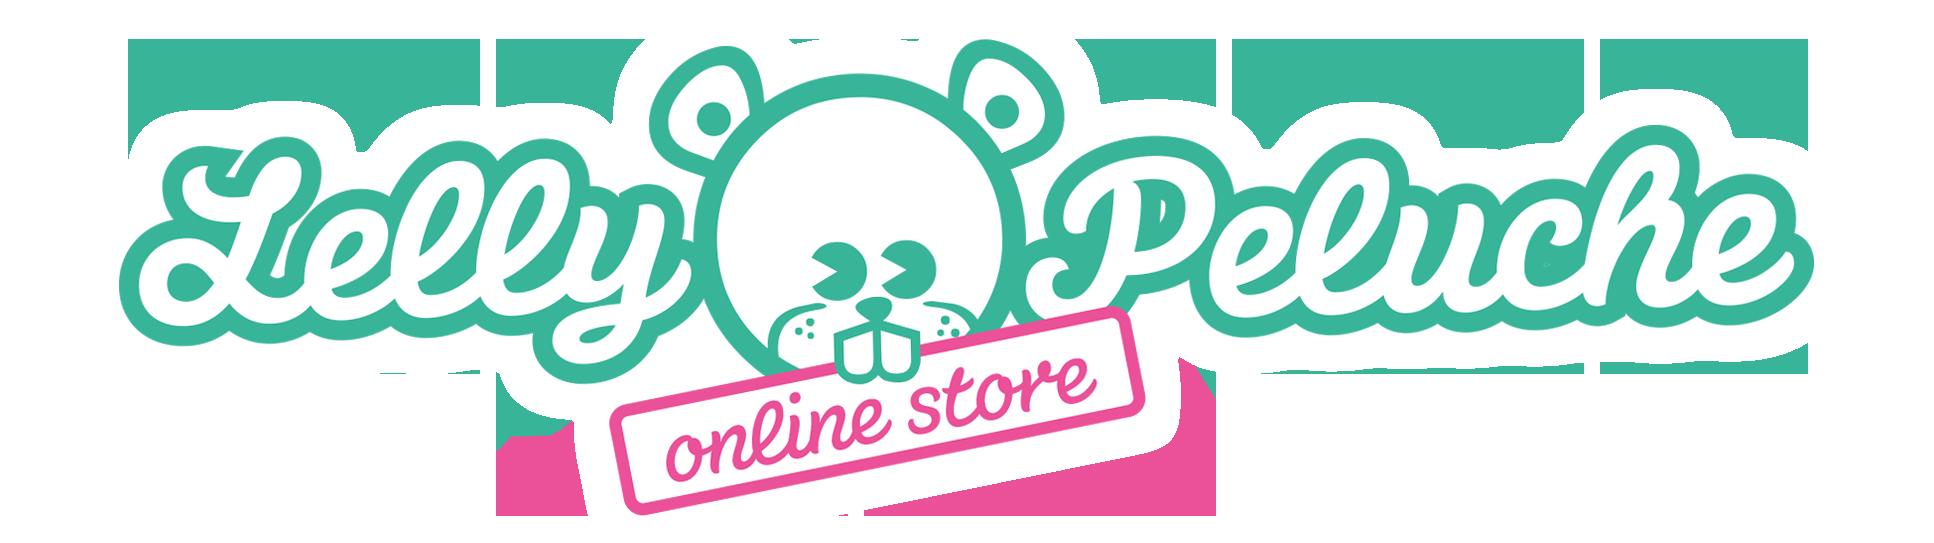 Lelly Peluche Online Store | Vendita online peluche Lelly